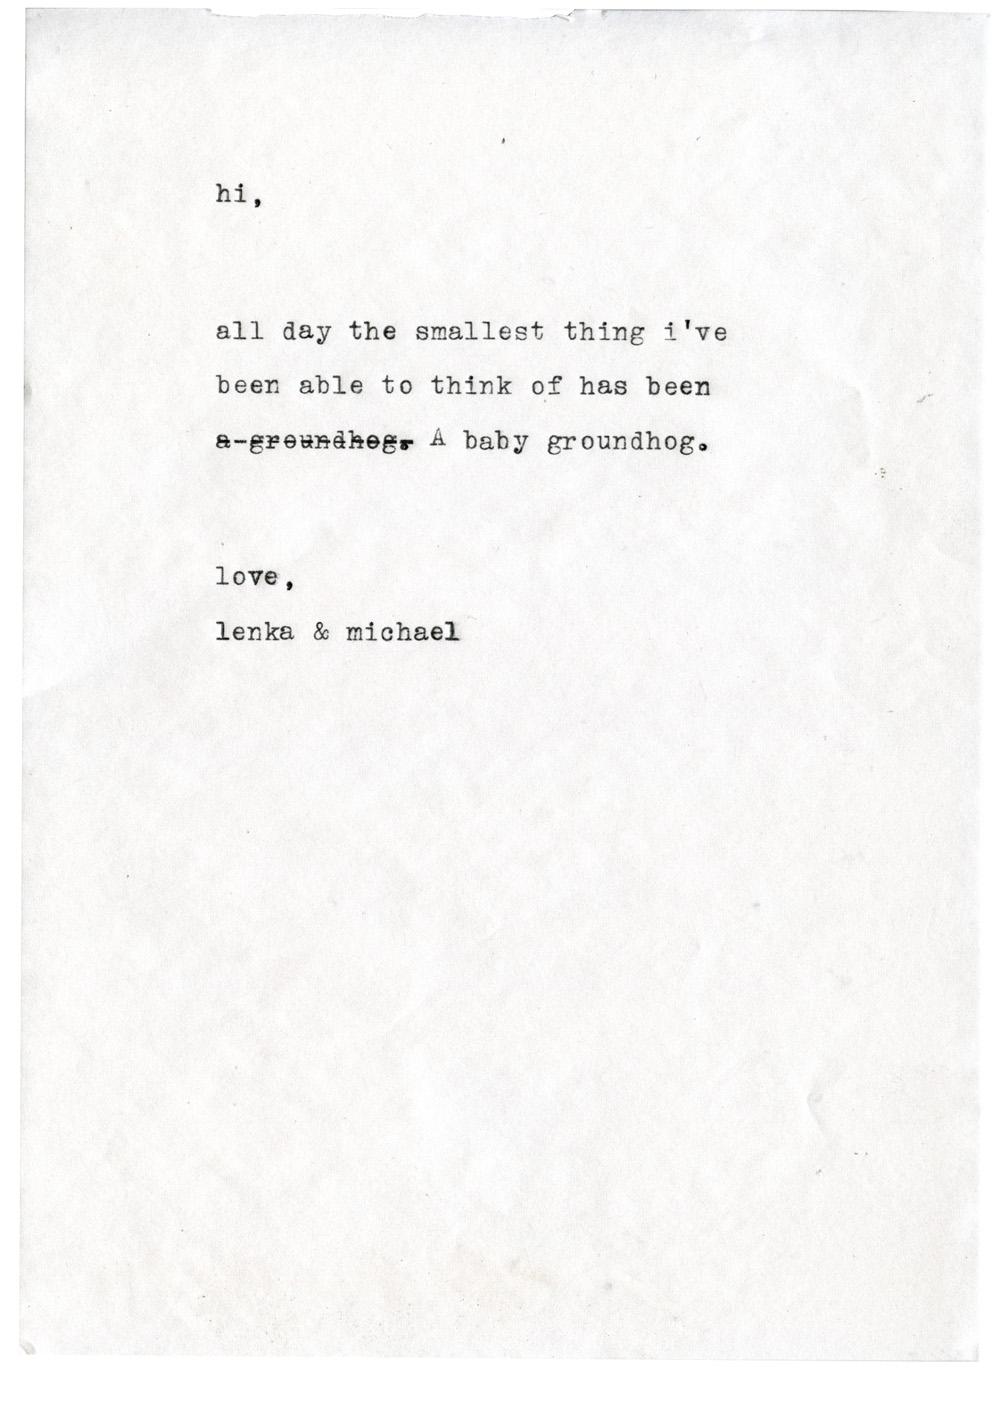 mysterious_letters_den011.jpg